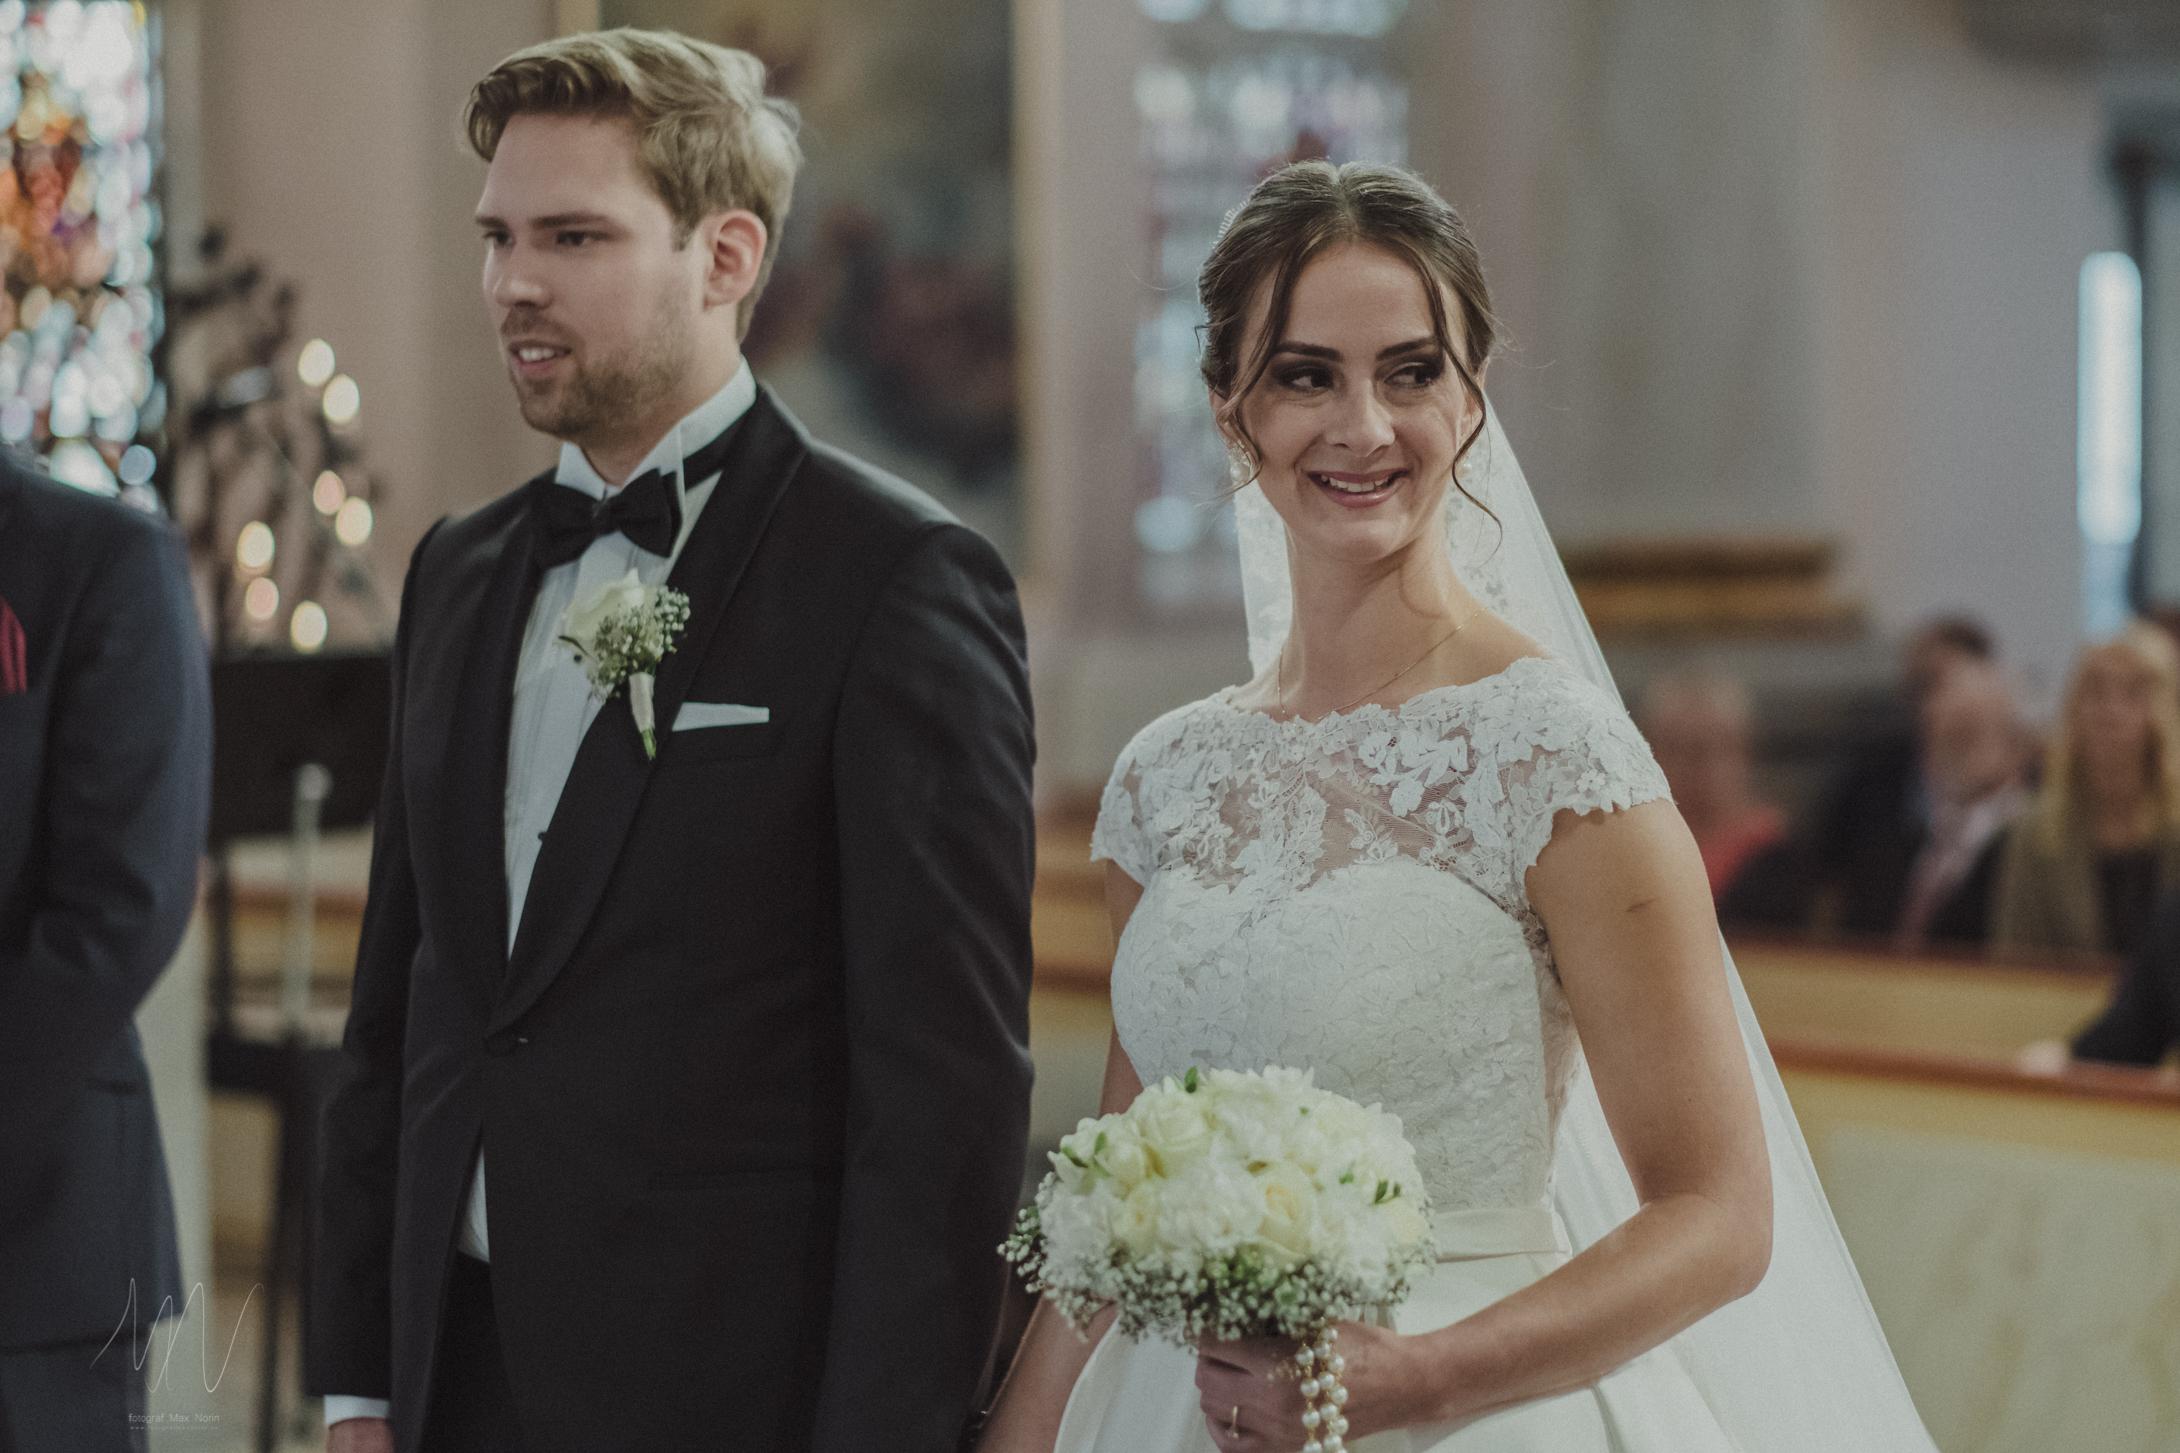 bröllopsfoto-fotograf-max-norin-142.jpg